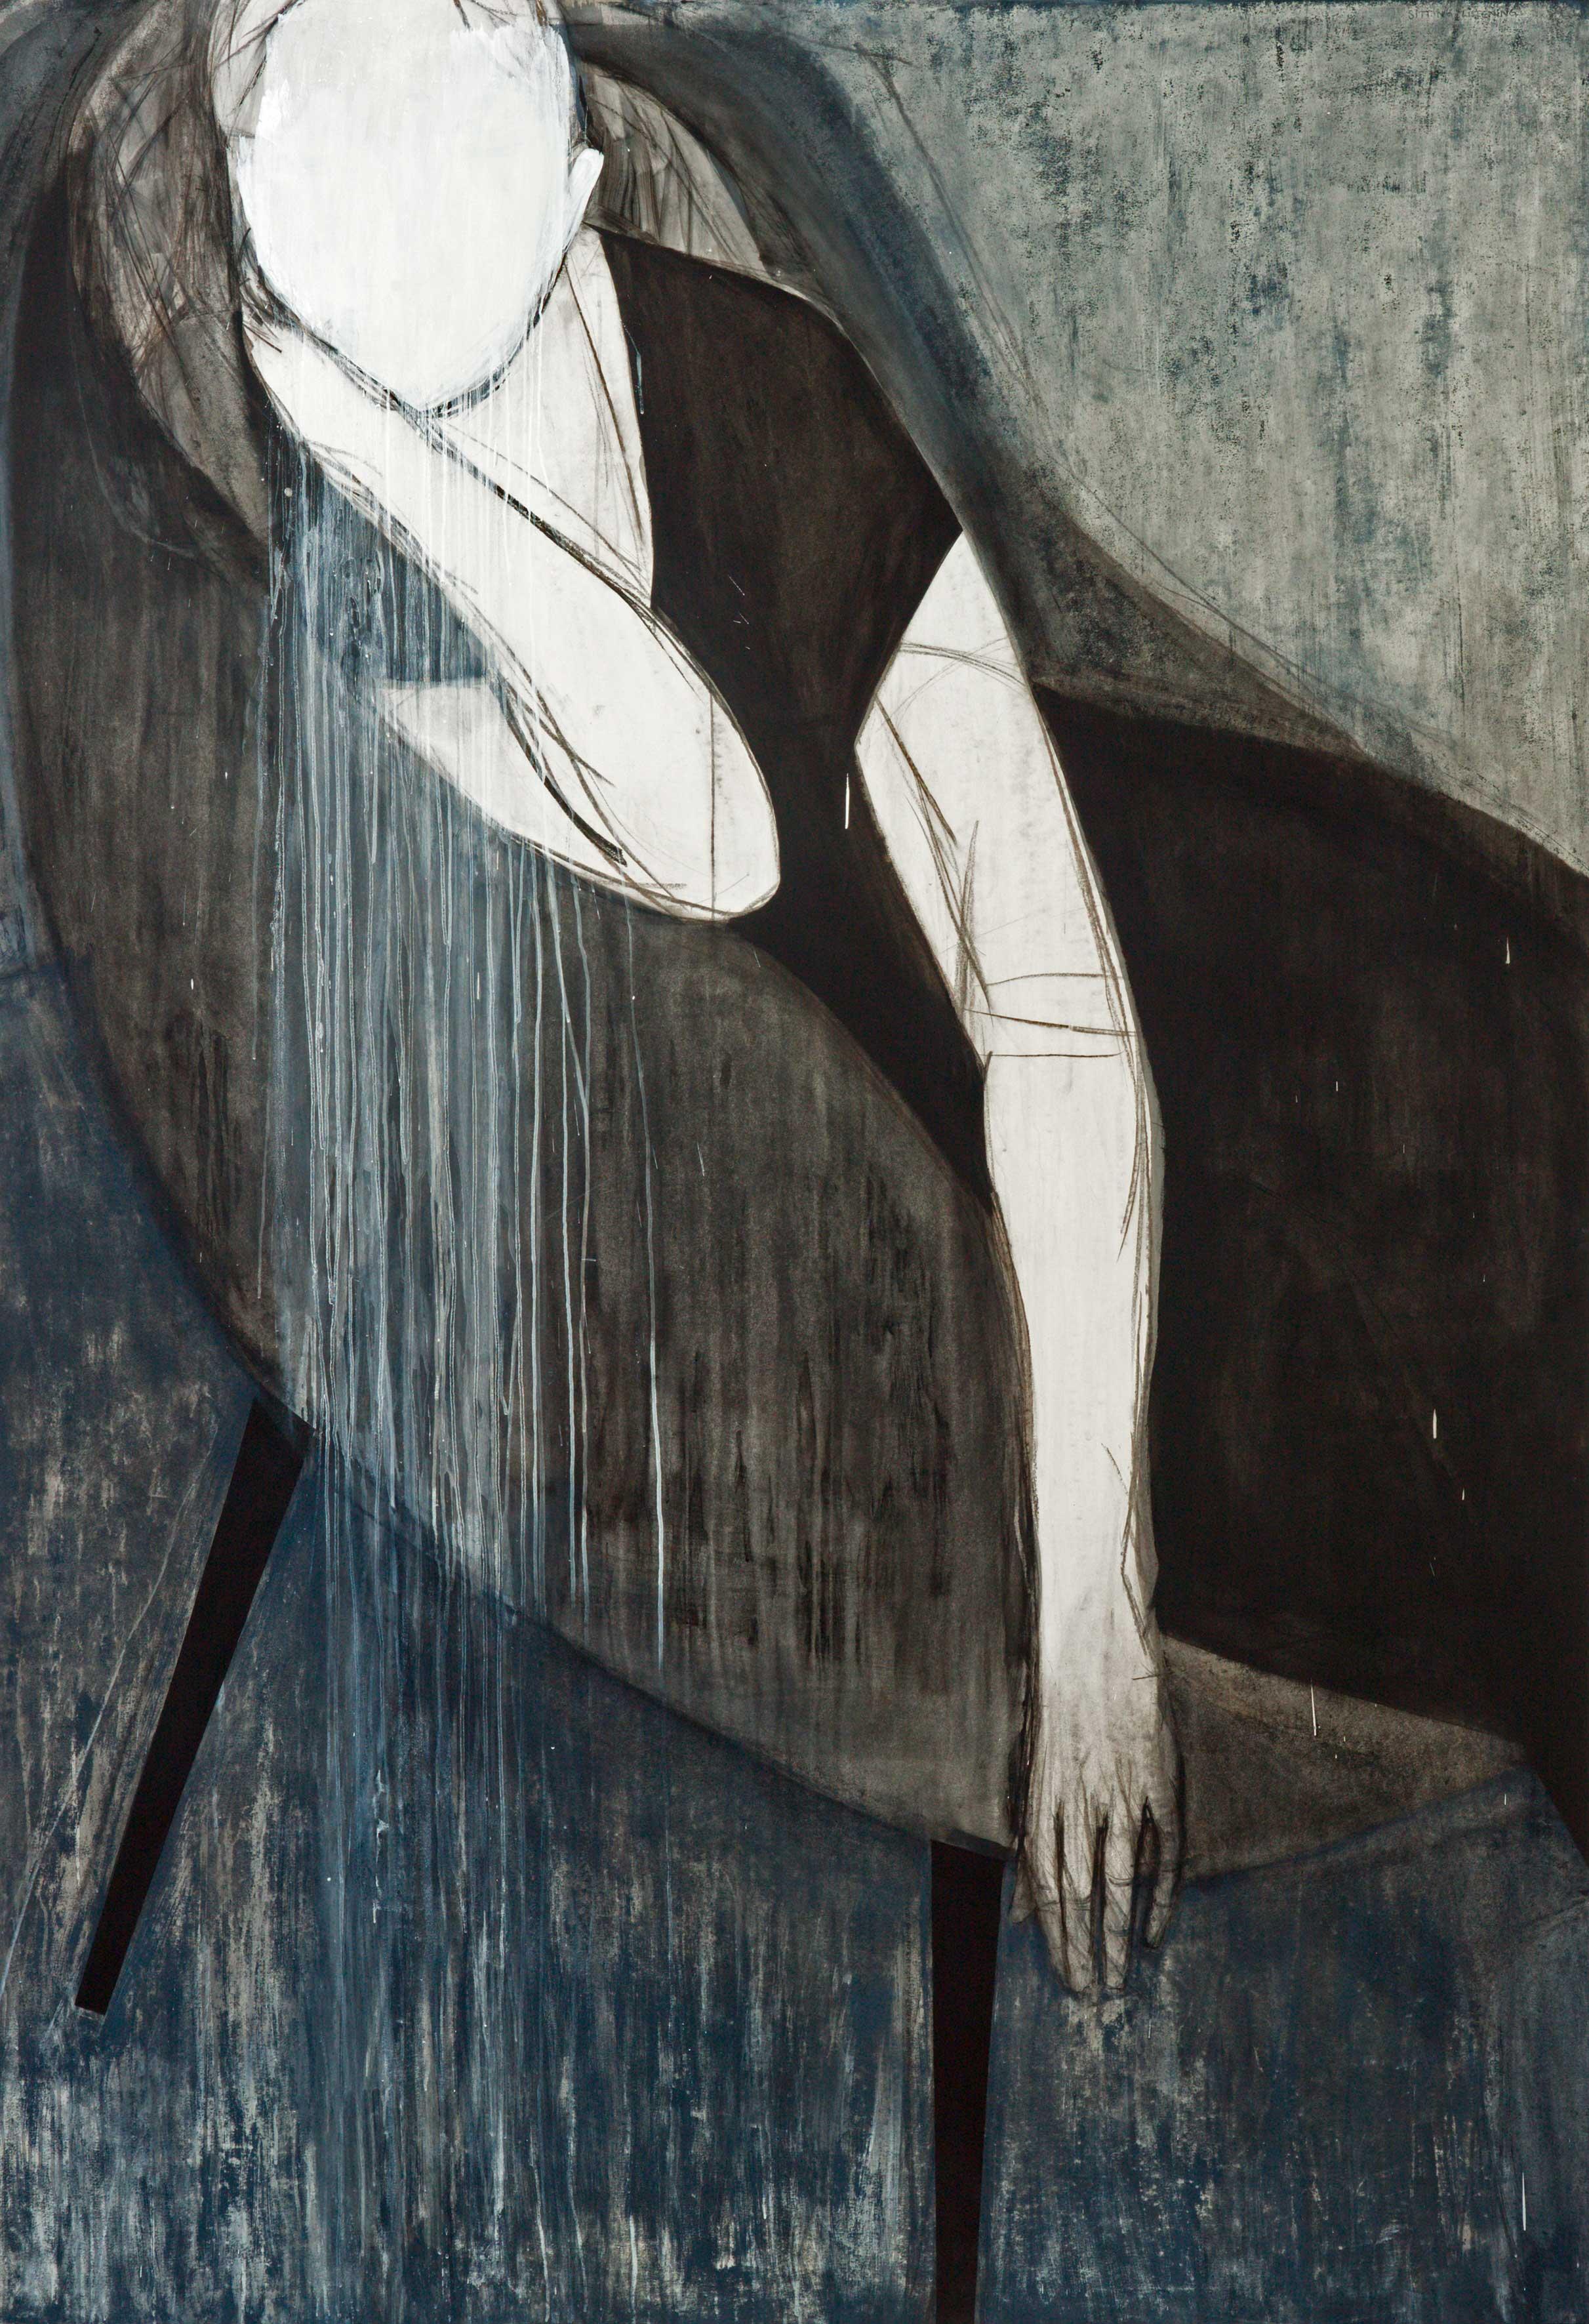 Iris Schomaker – Sitting / listening (grey chair), 2011